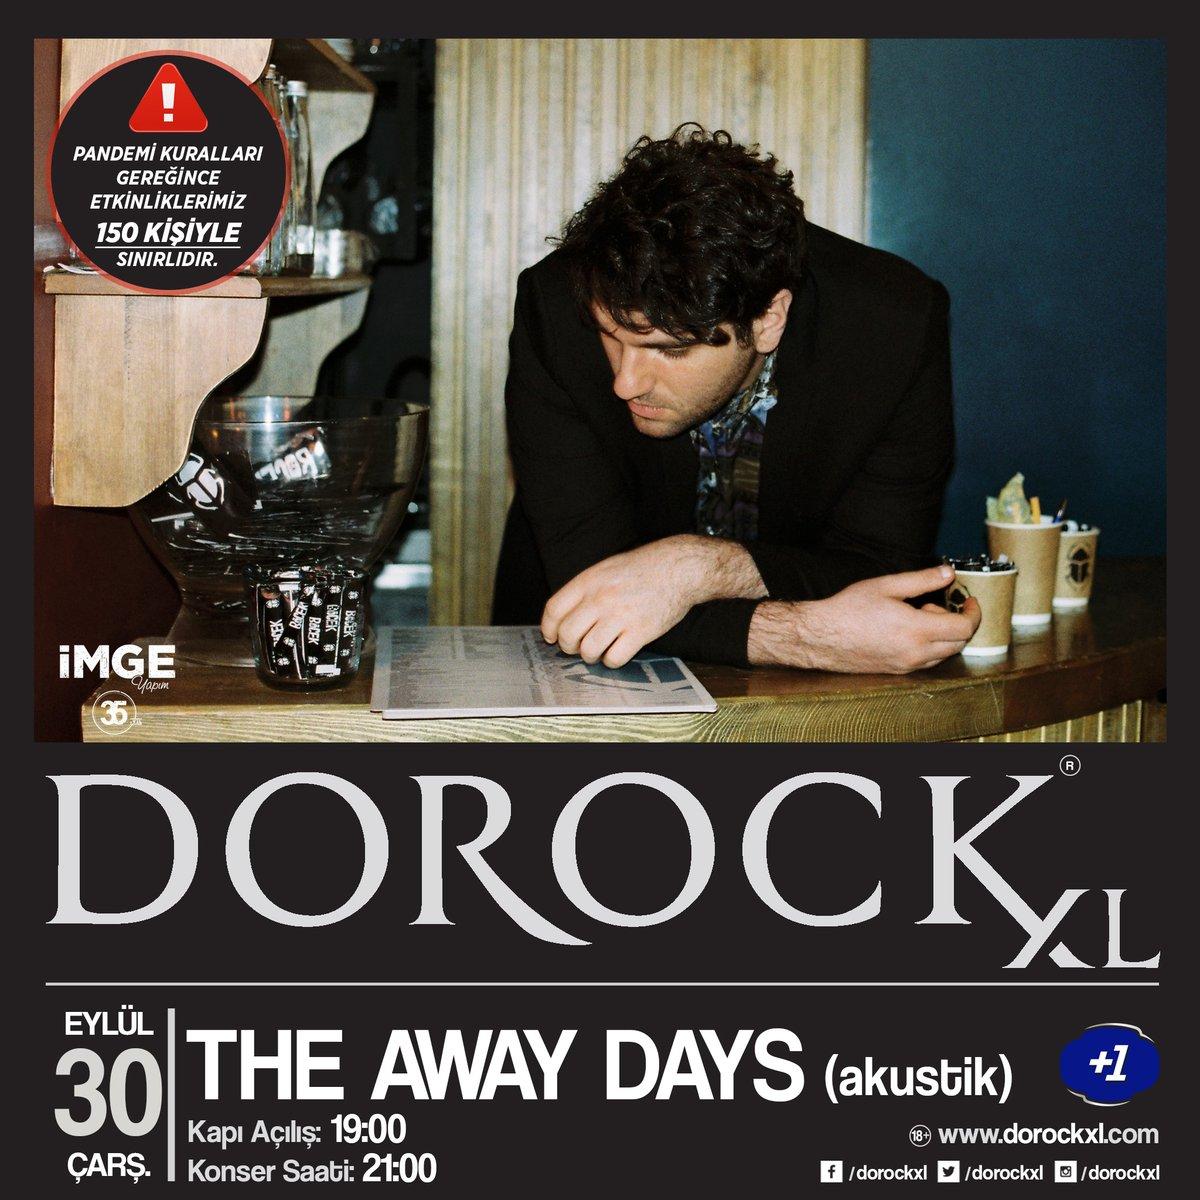 The Away Days, akustik performansıyla 30 Eylül Çarşamba saat 21:00'de Dorock XL'ta! Sınırlı sayıda biletler Biletix ve Dorock XL gişelerinde.   ⚠️ Pandemi kuralları gereğince etkinliklerimiz 150 kişiyle sınırlıdır.   #DorockXL #DorockXLKadıköy #TheAwayDays #artıbir https://t.co/86Ex09UtEn